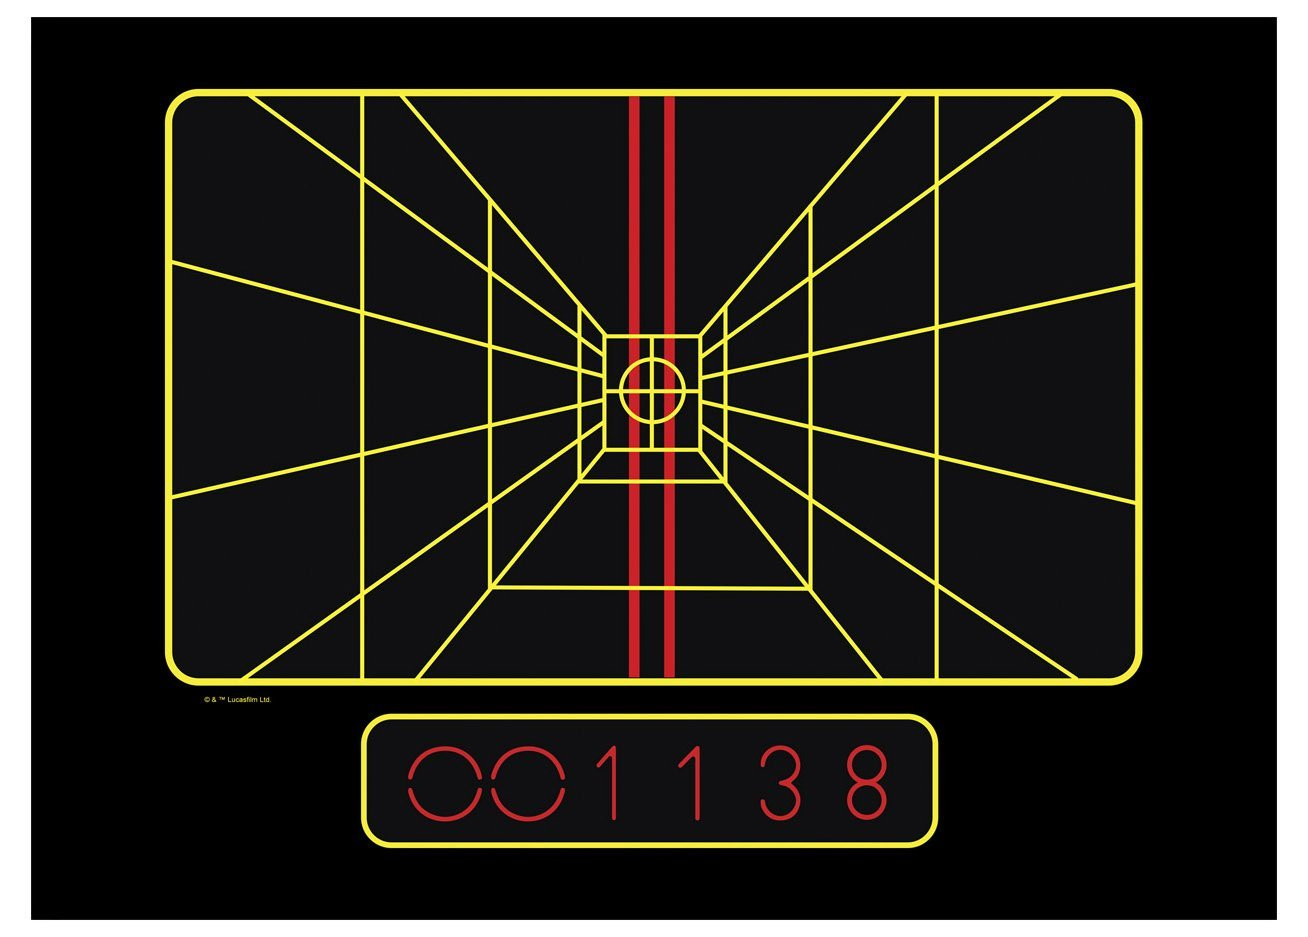 TLJ X-Wing Targeting Computer Laptop Wrap 2